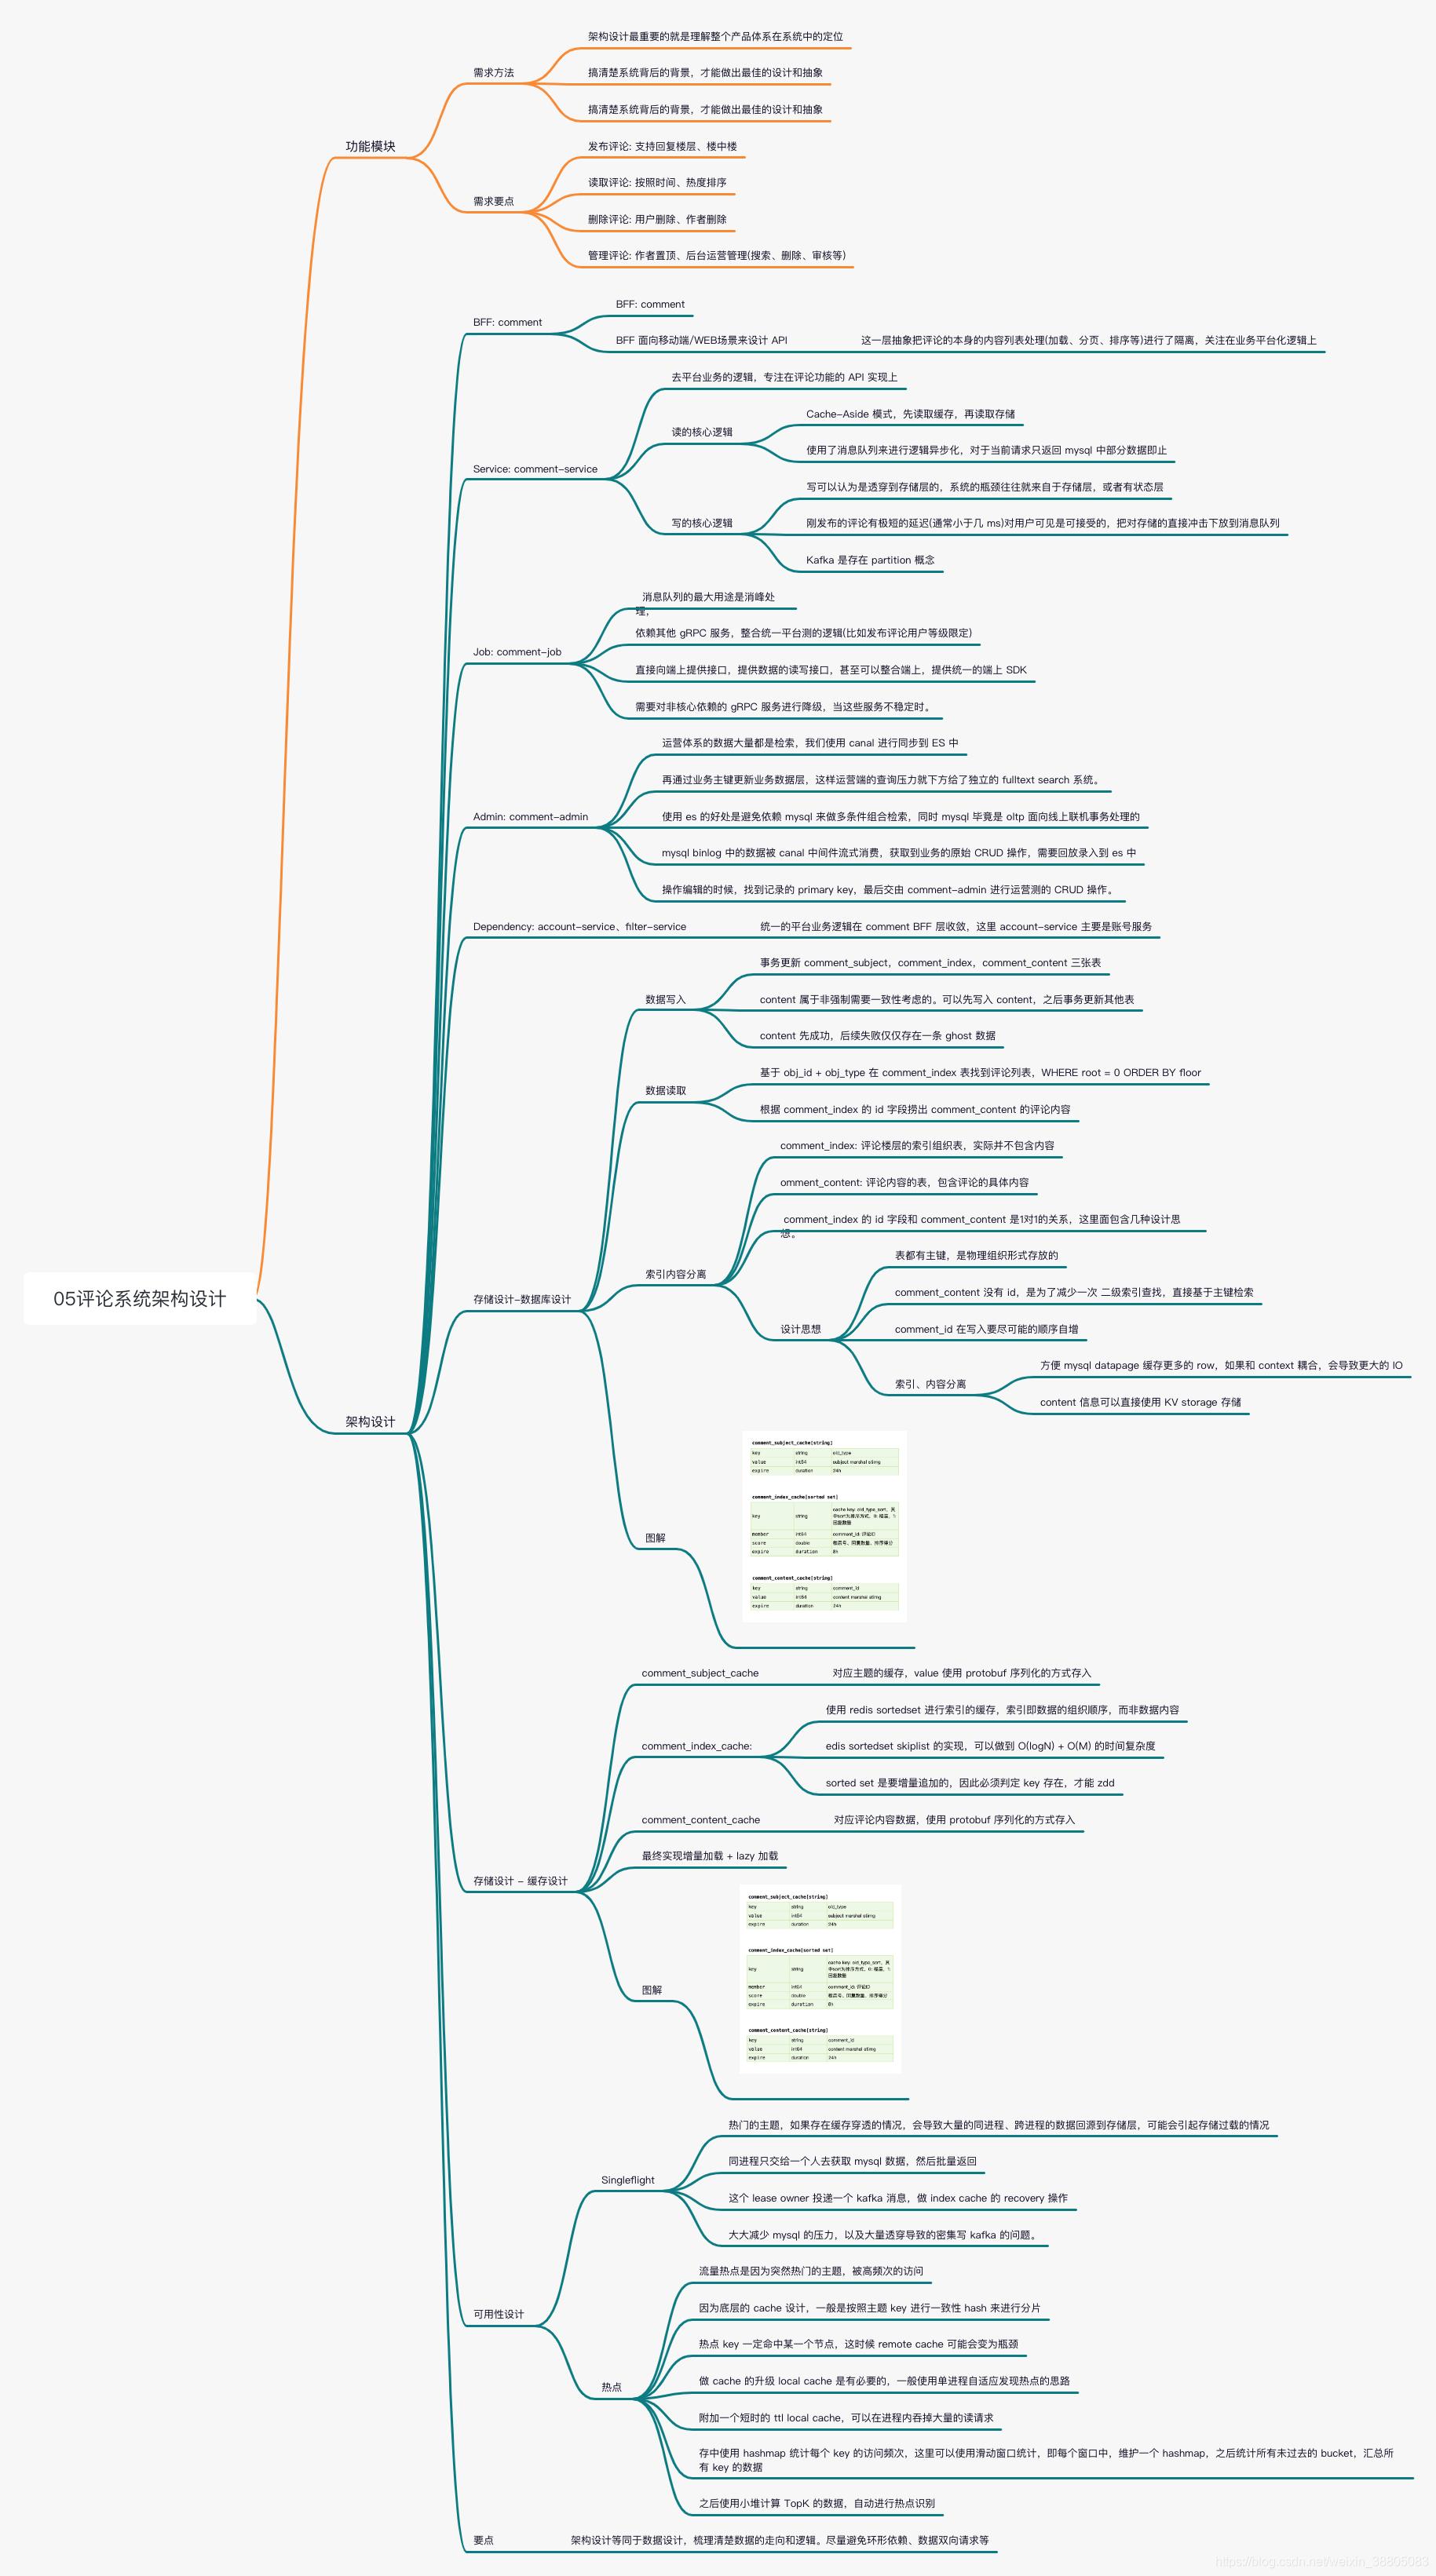 05评论系统架构设计